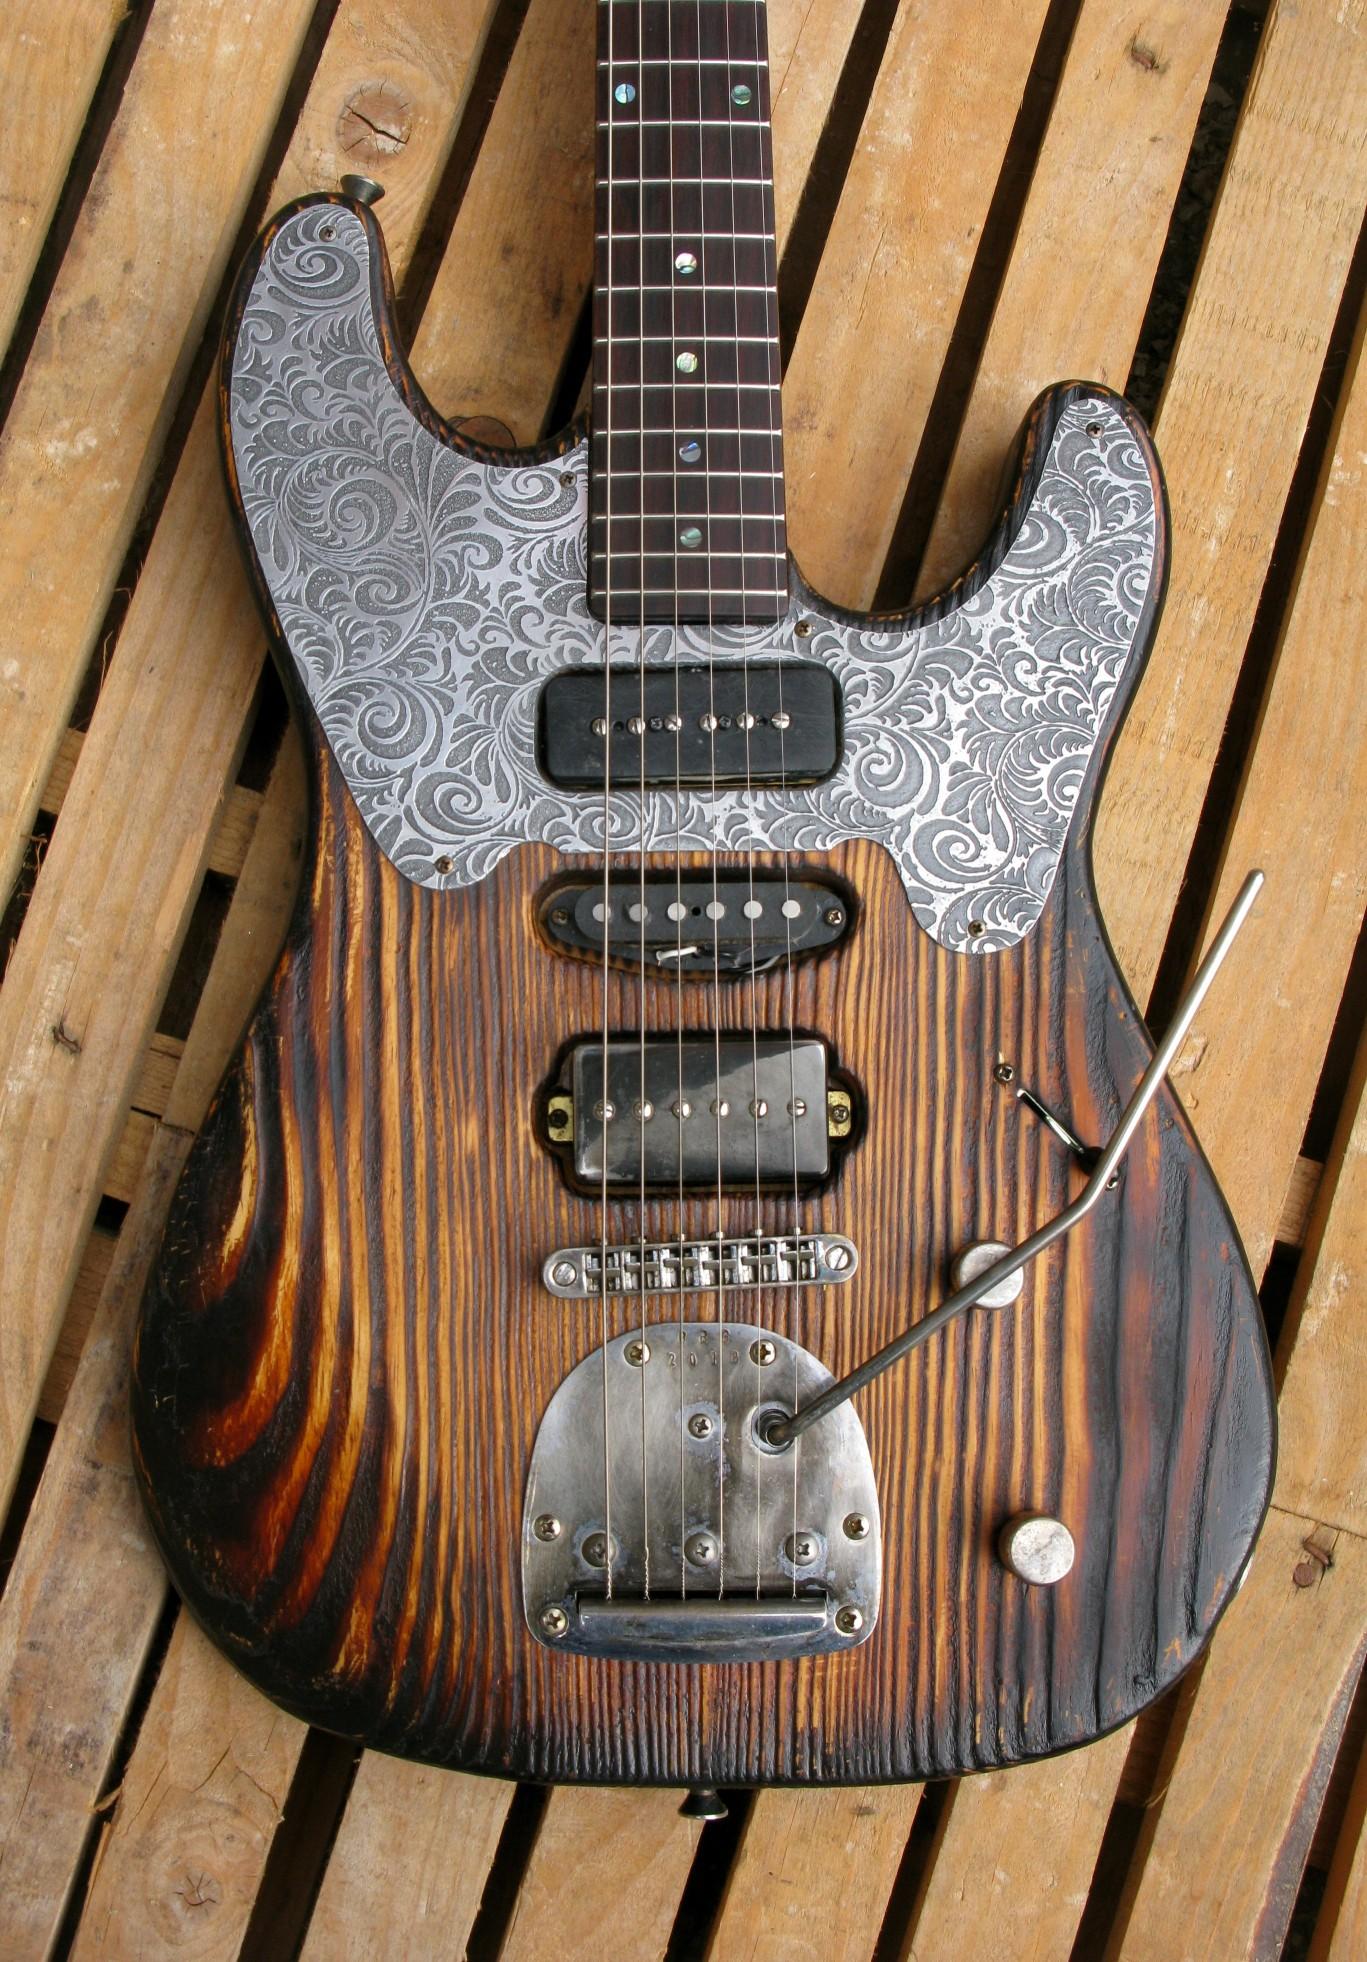 Chitarra modello Stratocaster, body in pino, manico in frassino, reverse: body frontale